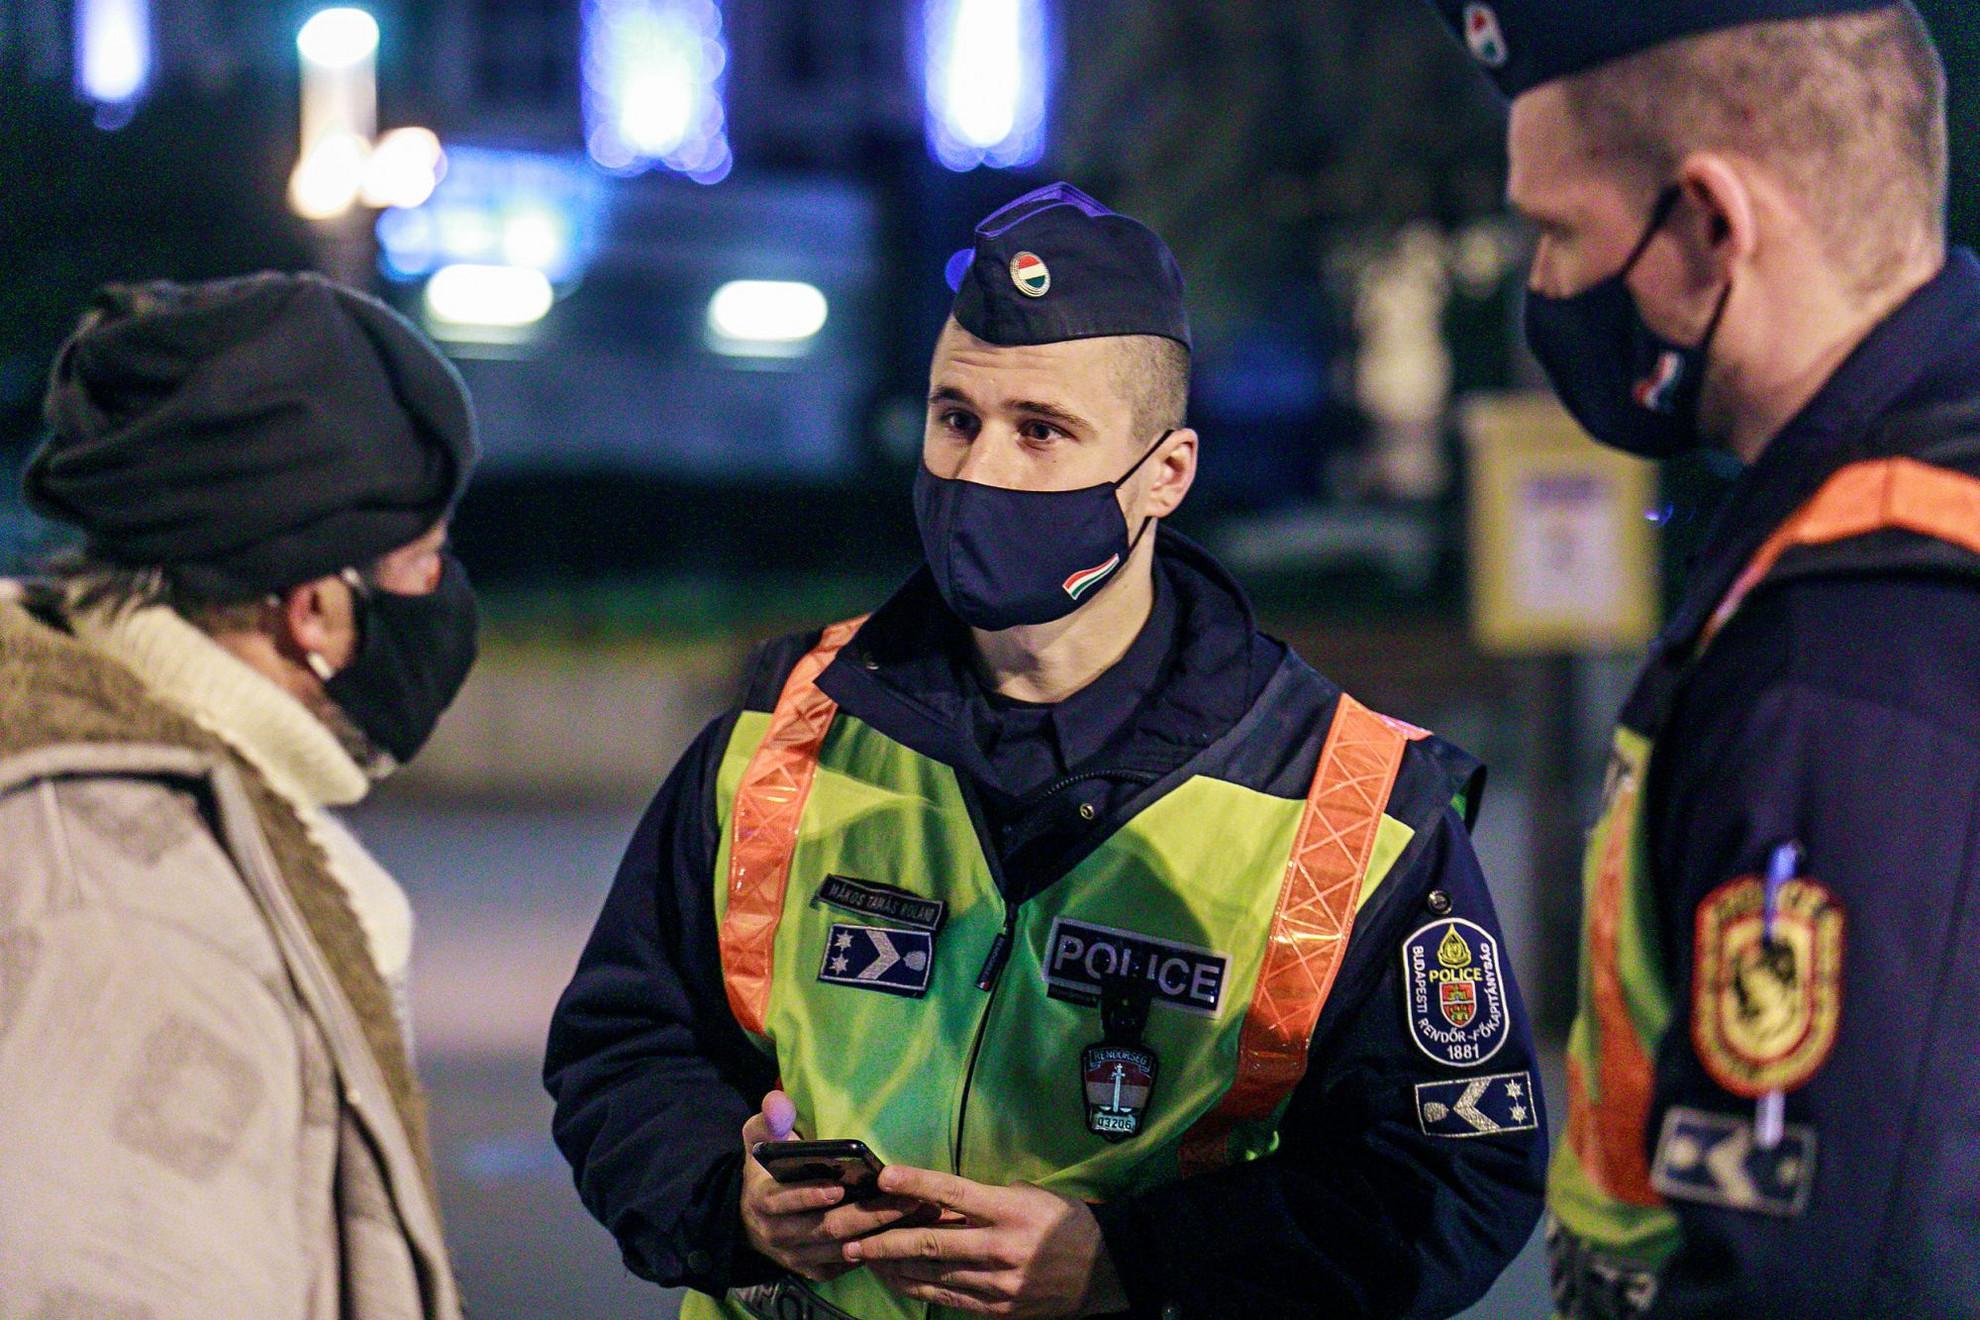 Folyamatos a rendőri jelenlét, az ellenőrzés az utcákon